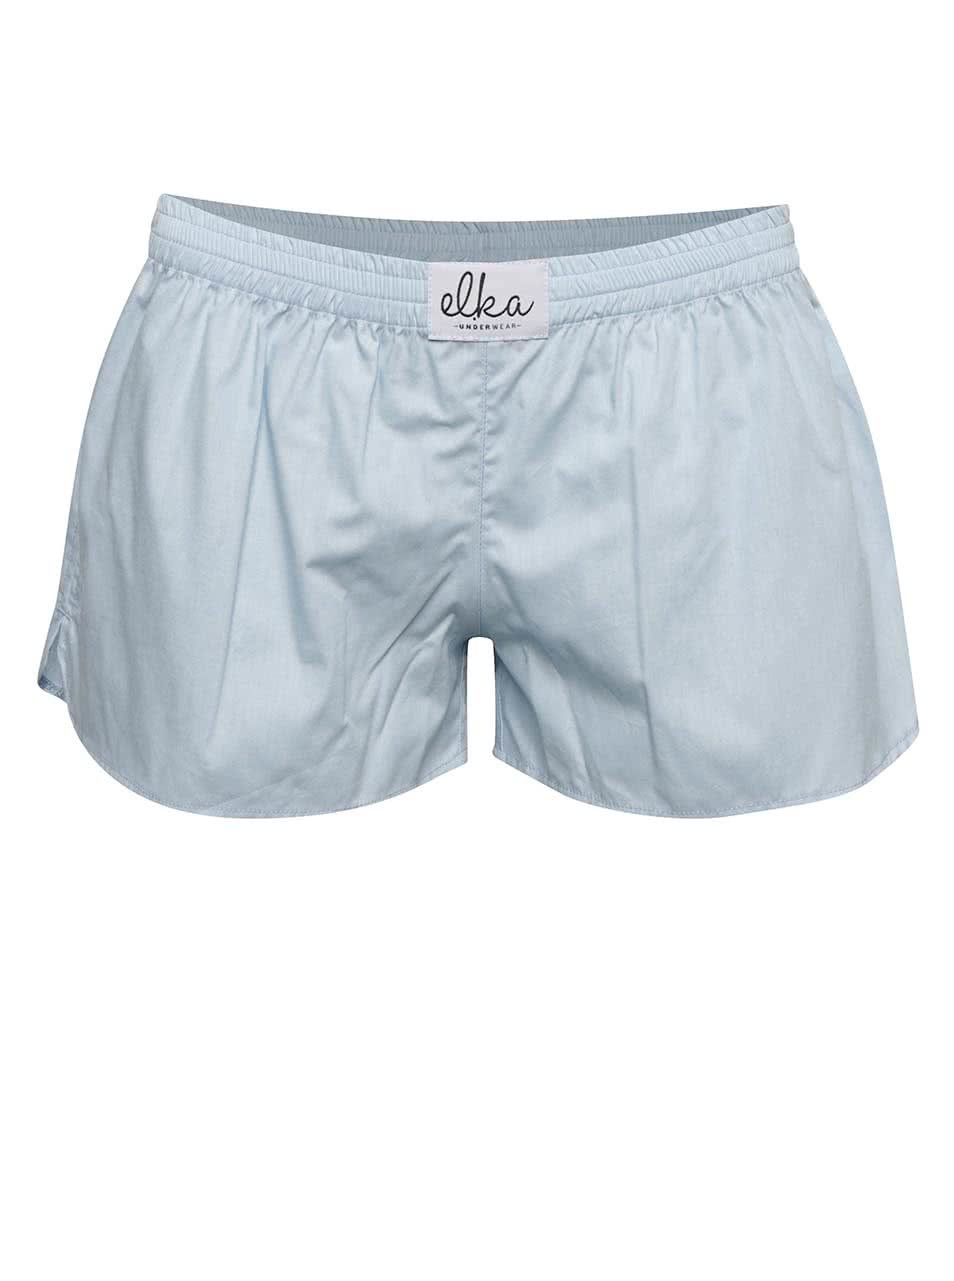 Světle modré dámské trenýrky El.Ka Underwear ŽENY   Spodní prádlo 5eb8033ef3